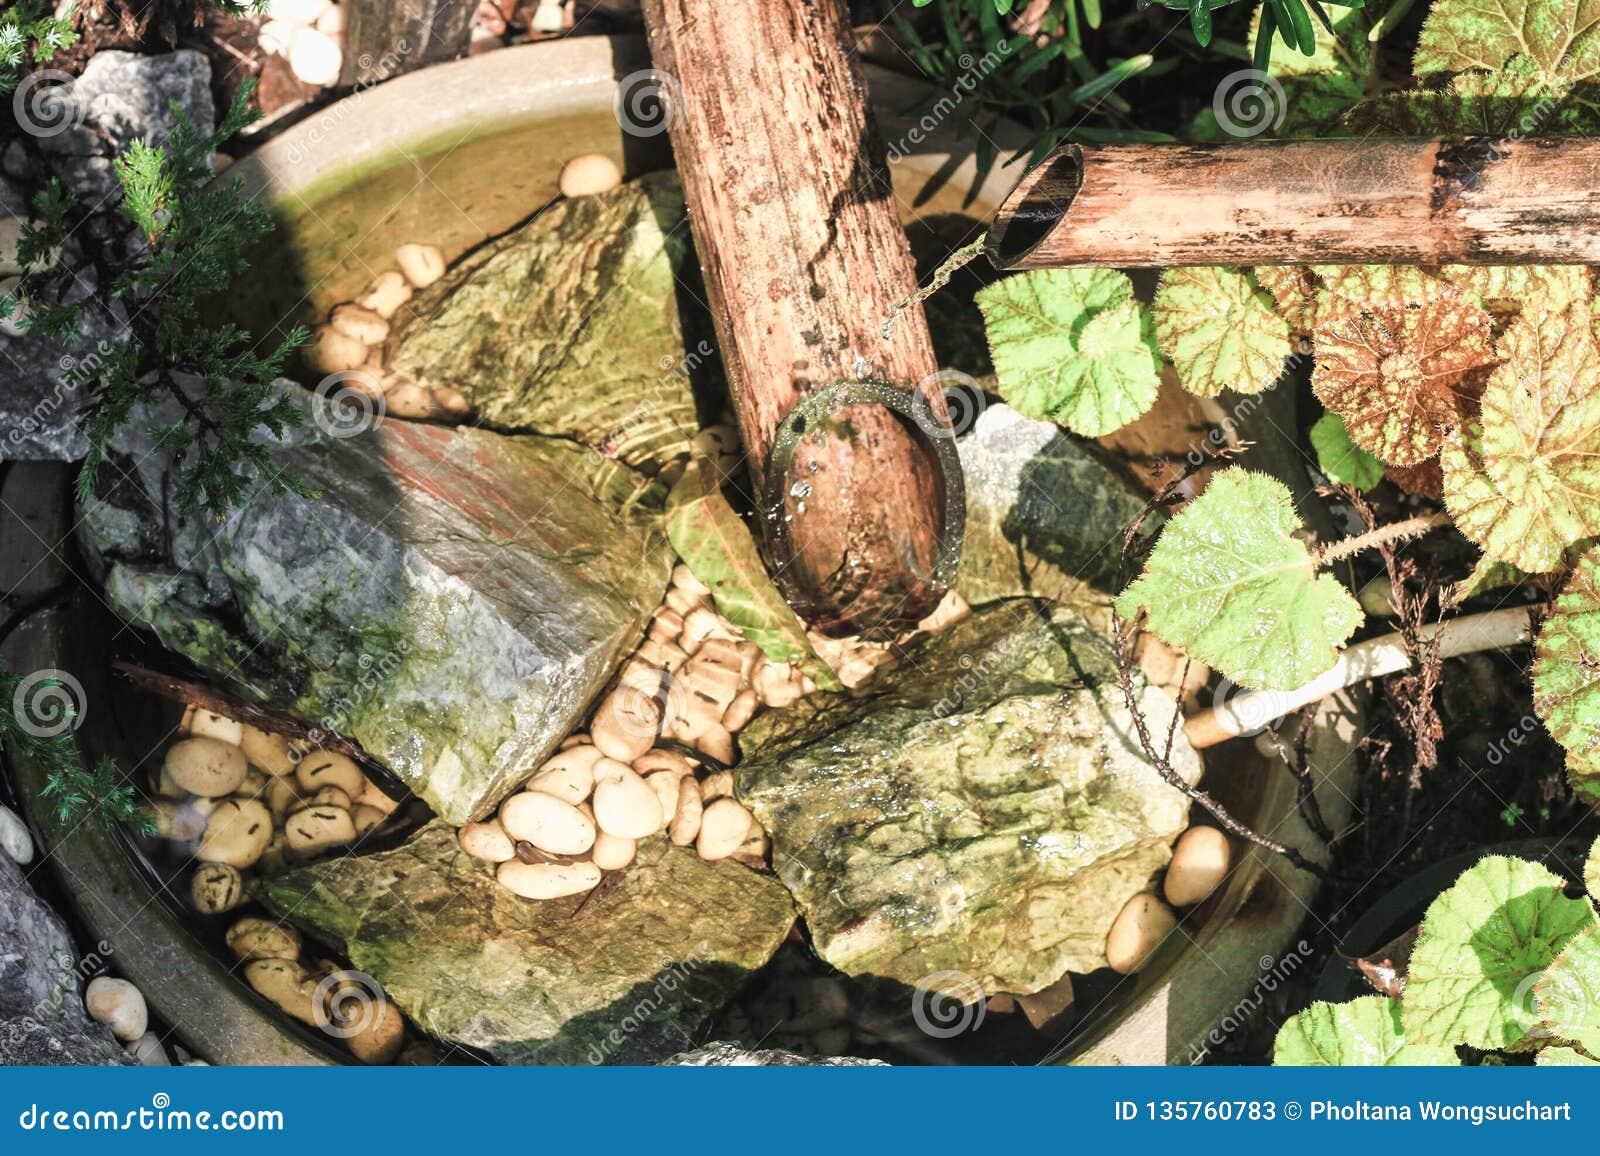 竹管有流经水槽的水